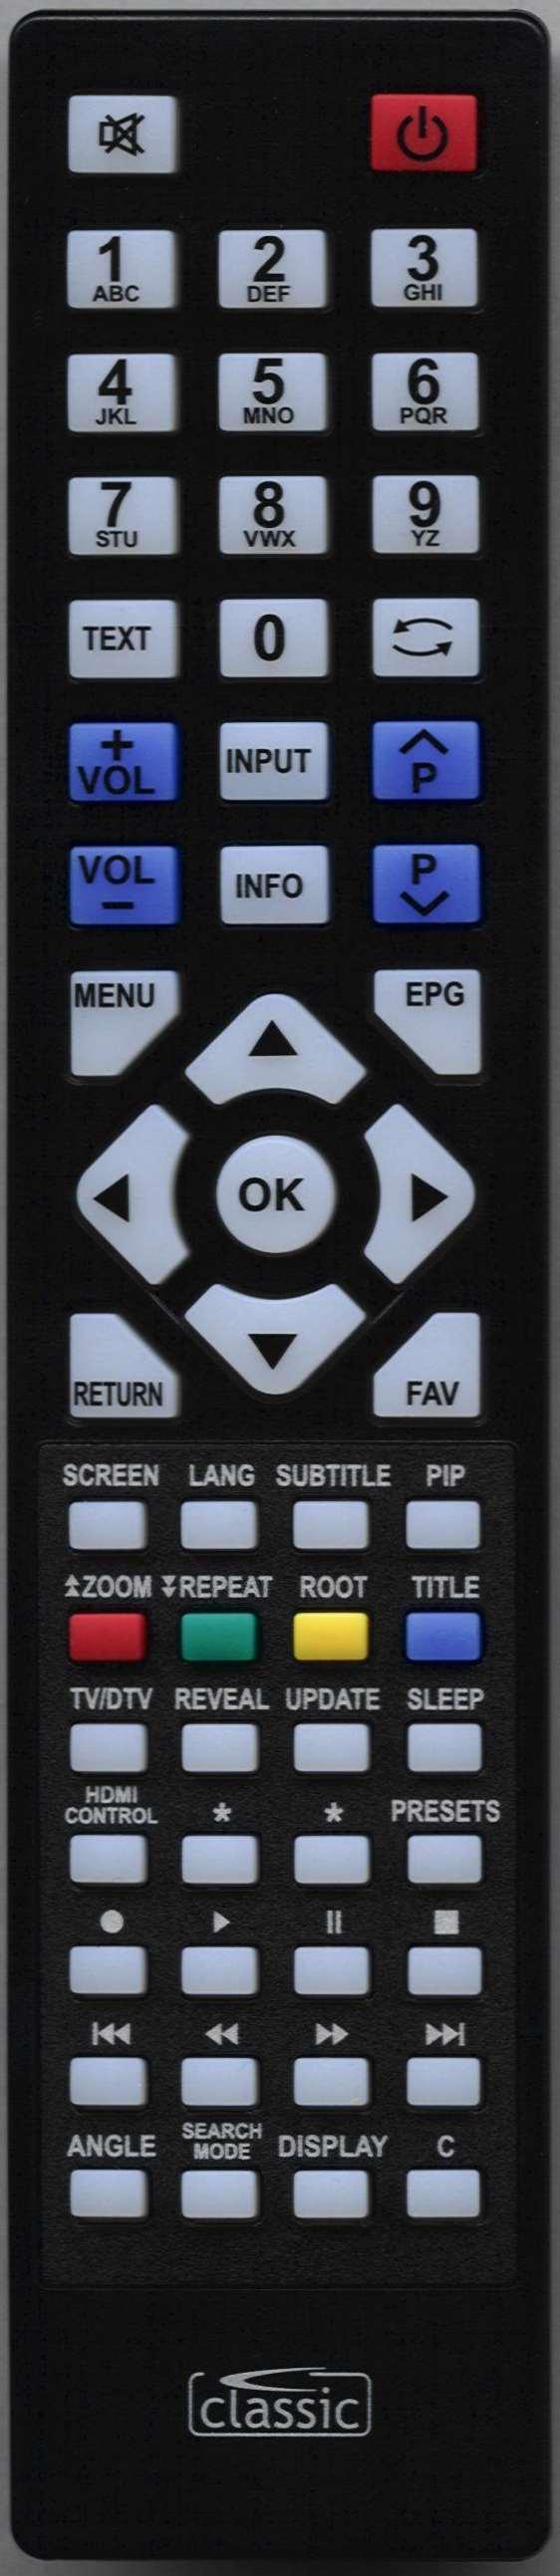 LUXOR V16LCDDVDHD Remote Control Alternative